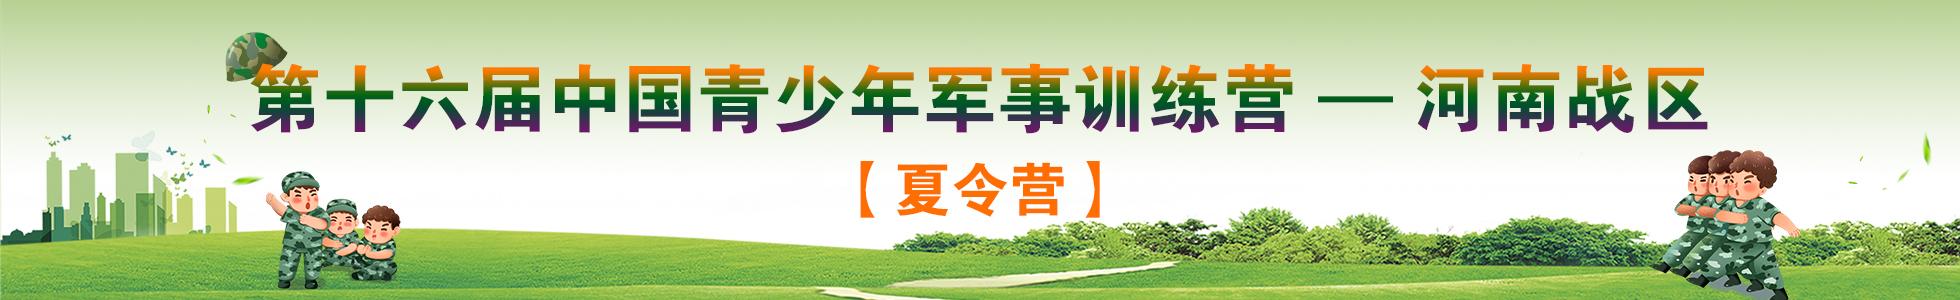 第十六届中国青少年军事训练营开始招募啦